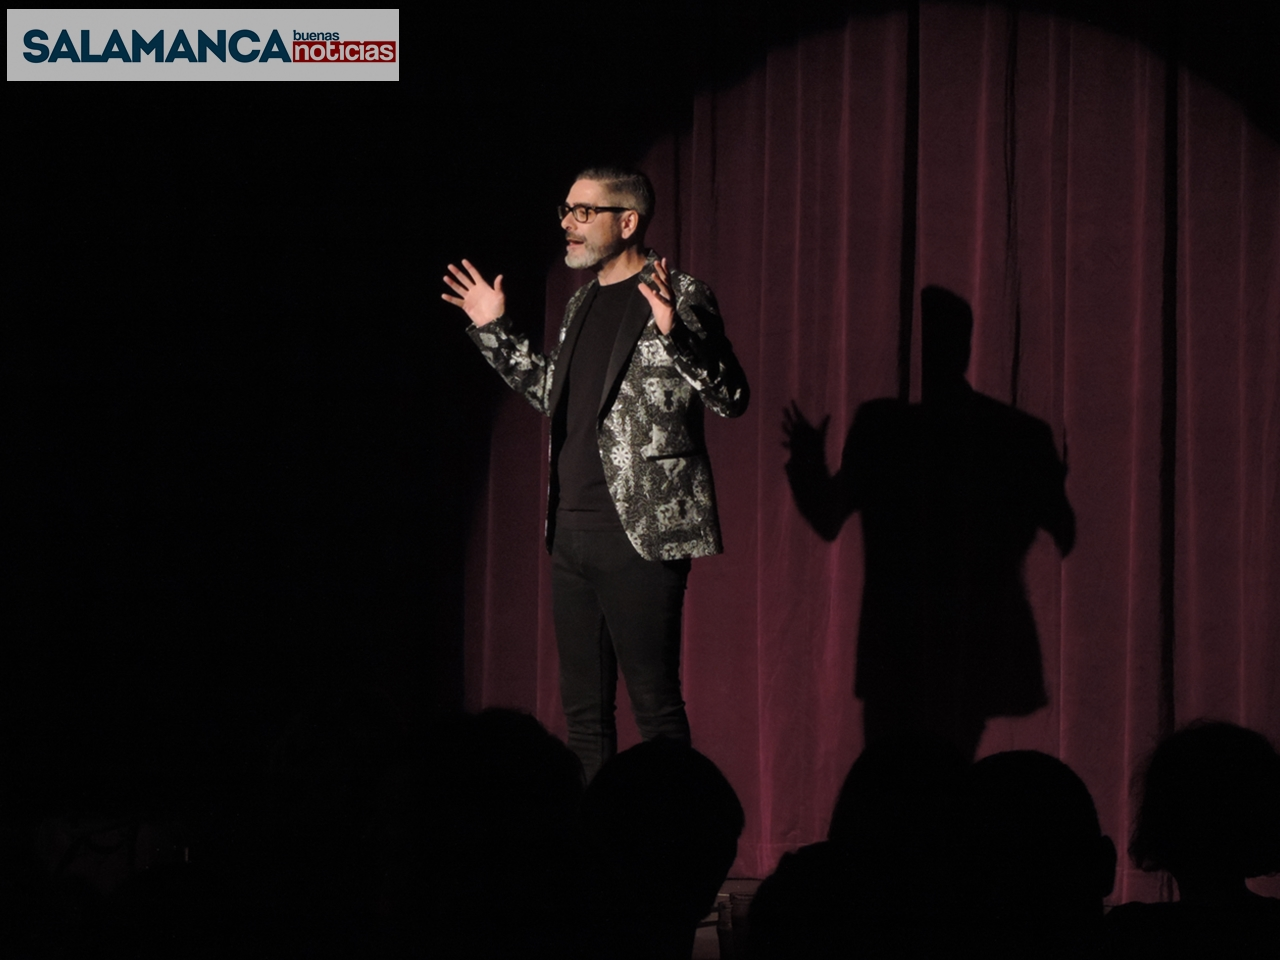 A la venta las entradas para los espectáculos programados Fundación Salamanca Ciudad de Cultura y Saberes para el mes de diciembre